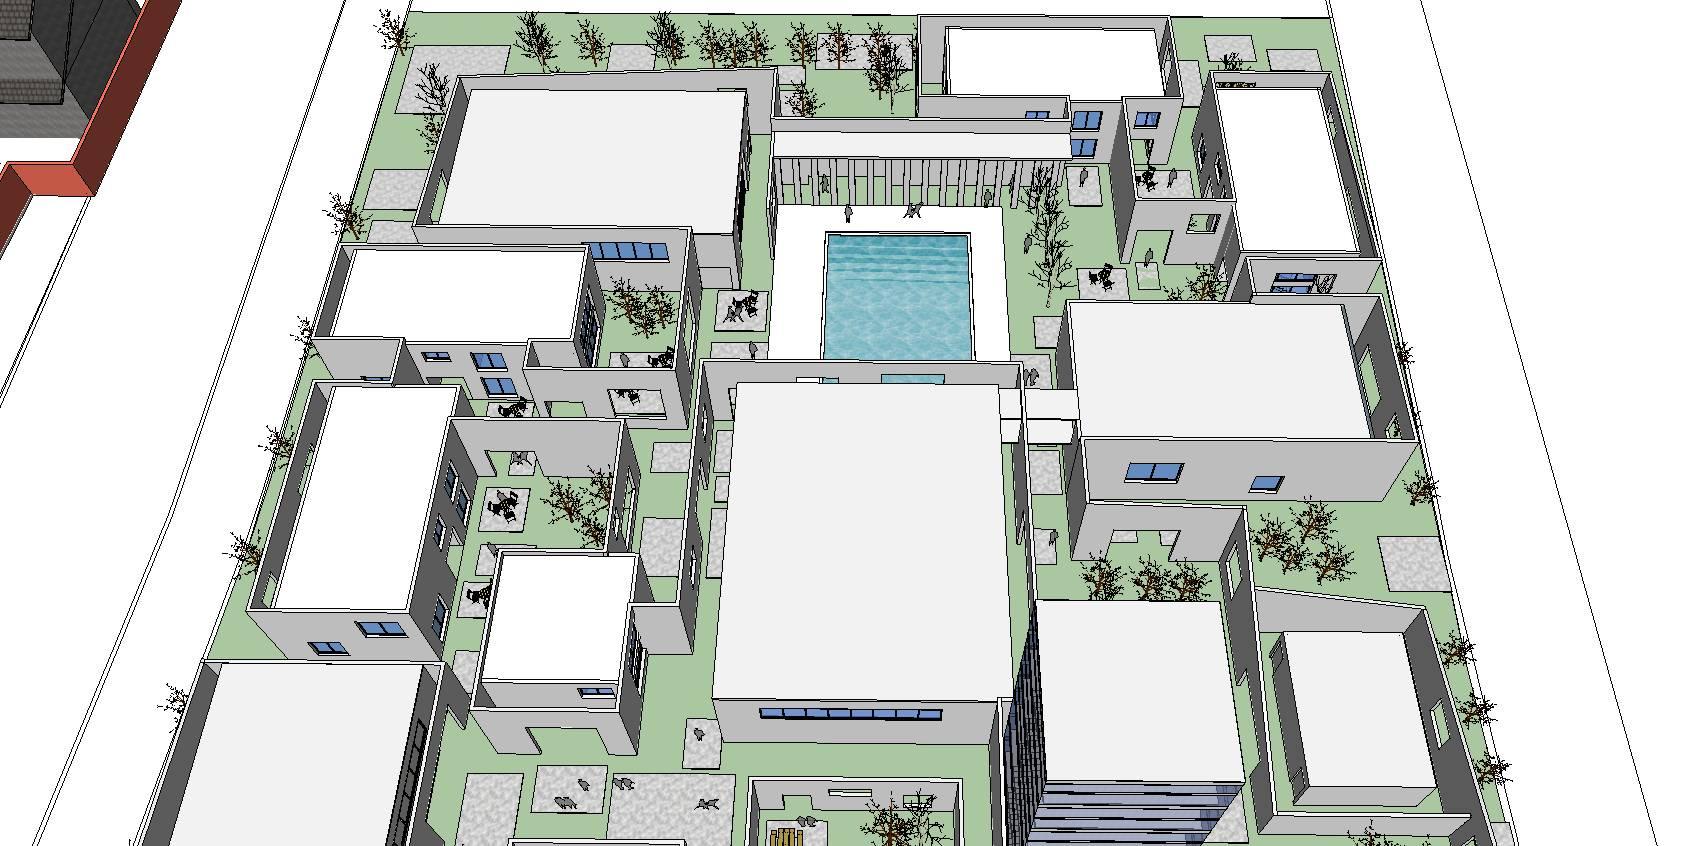 产业创意园区概念模型